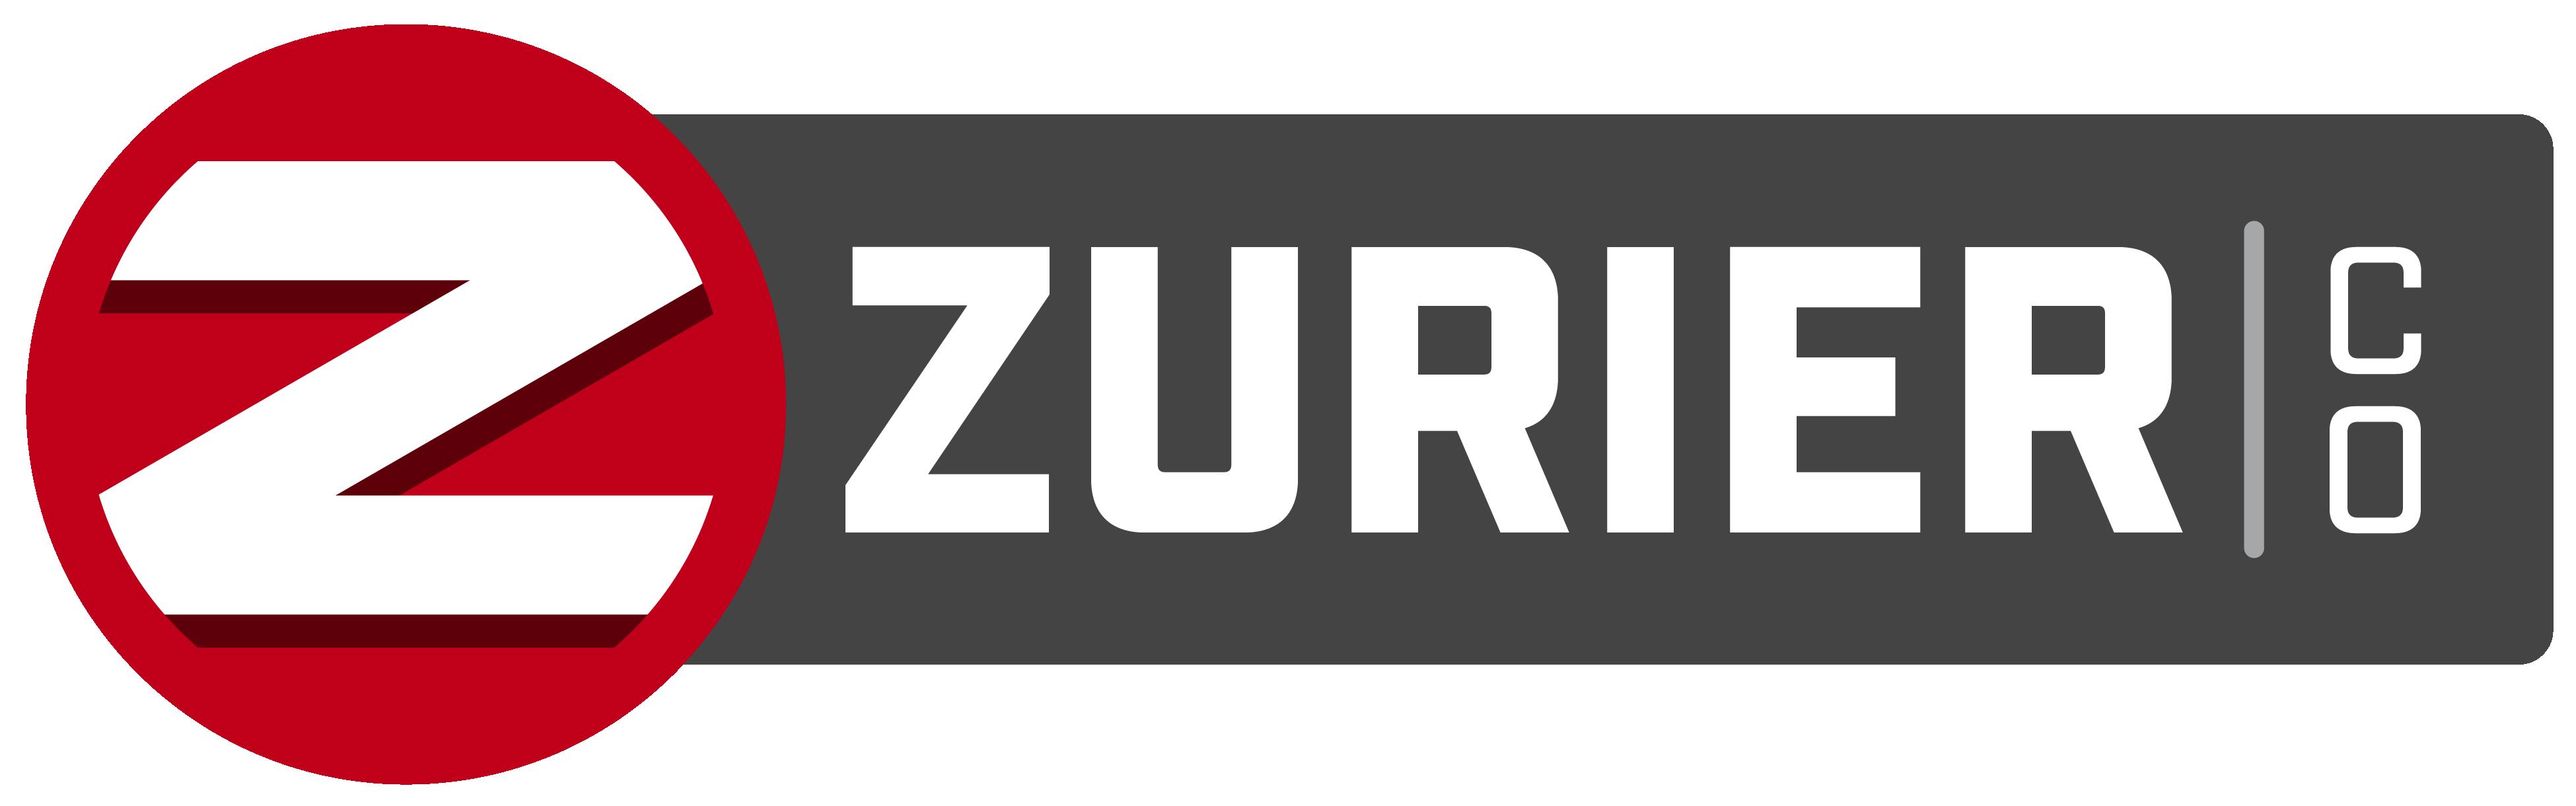 Zurier